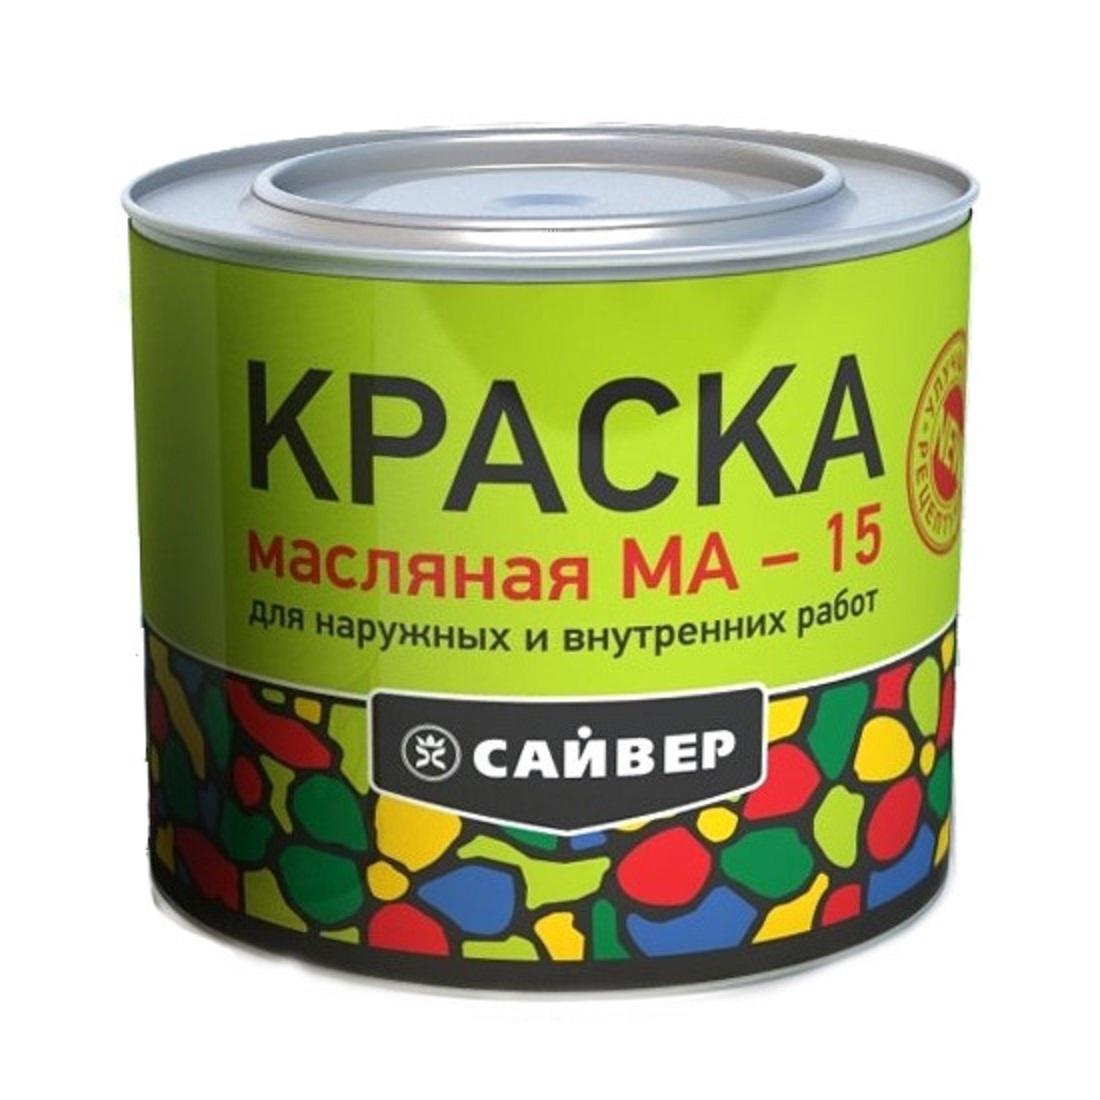 Краска Сайвер МА-15 масляная (белая) 1.8 кг - фото